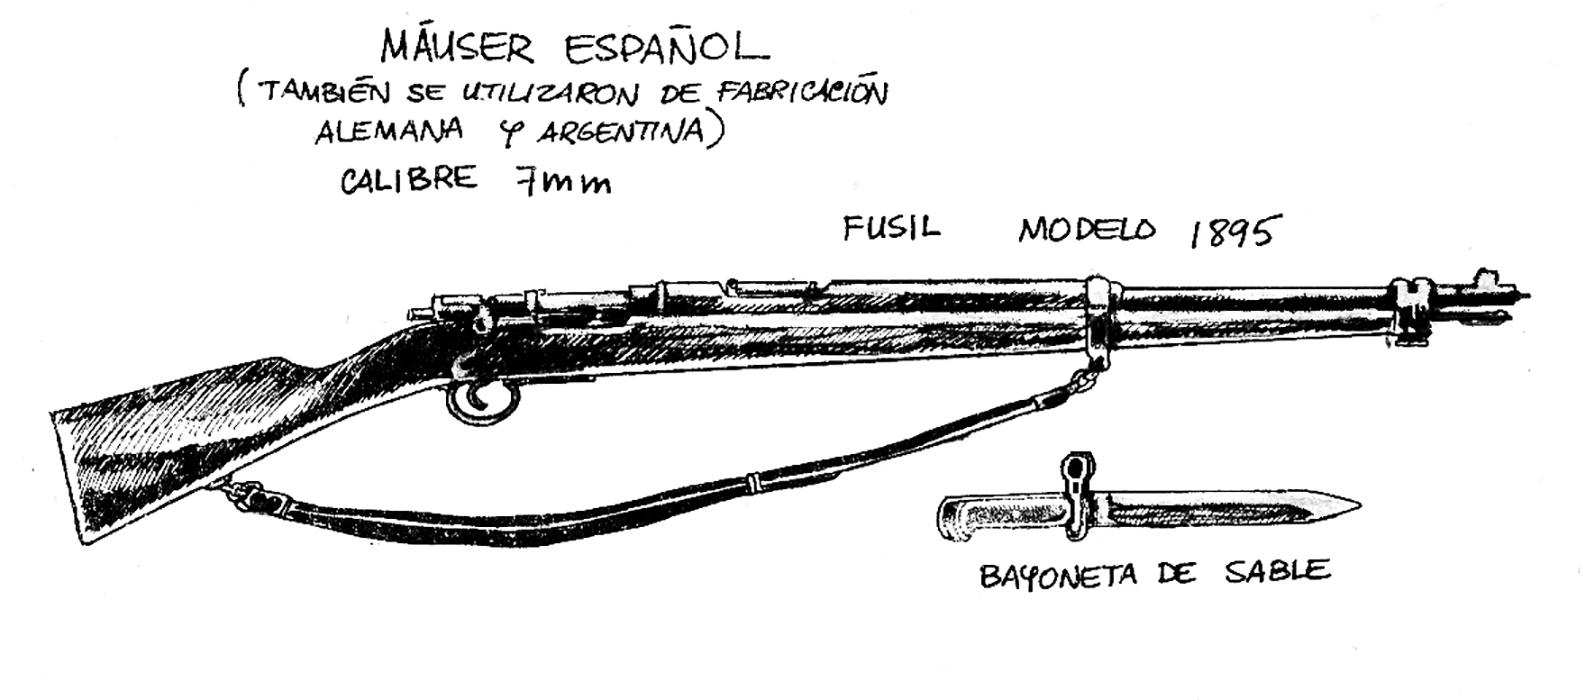 Fusil Máuser Modelo 1895 empleado en la Guerra del 95